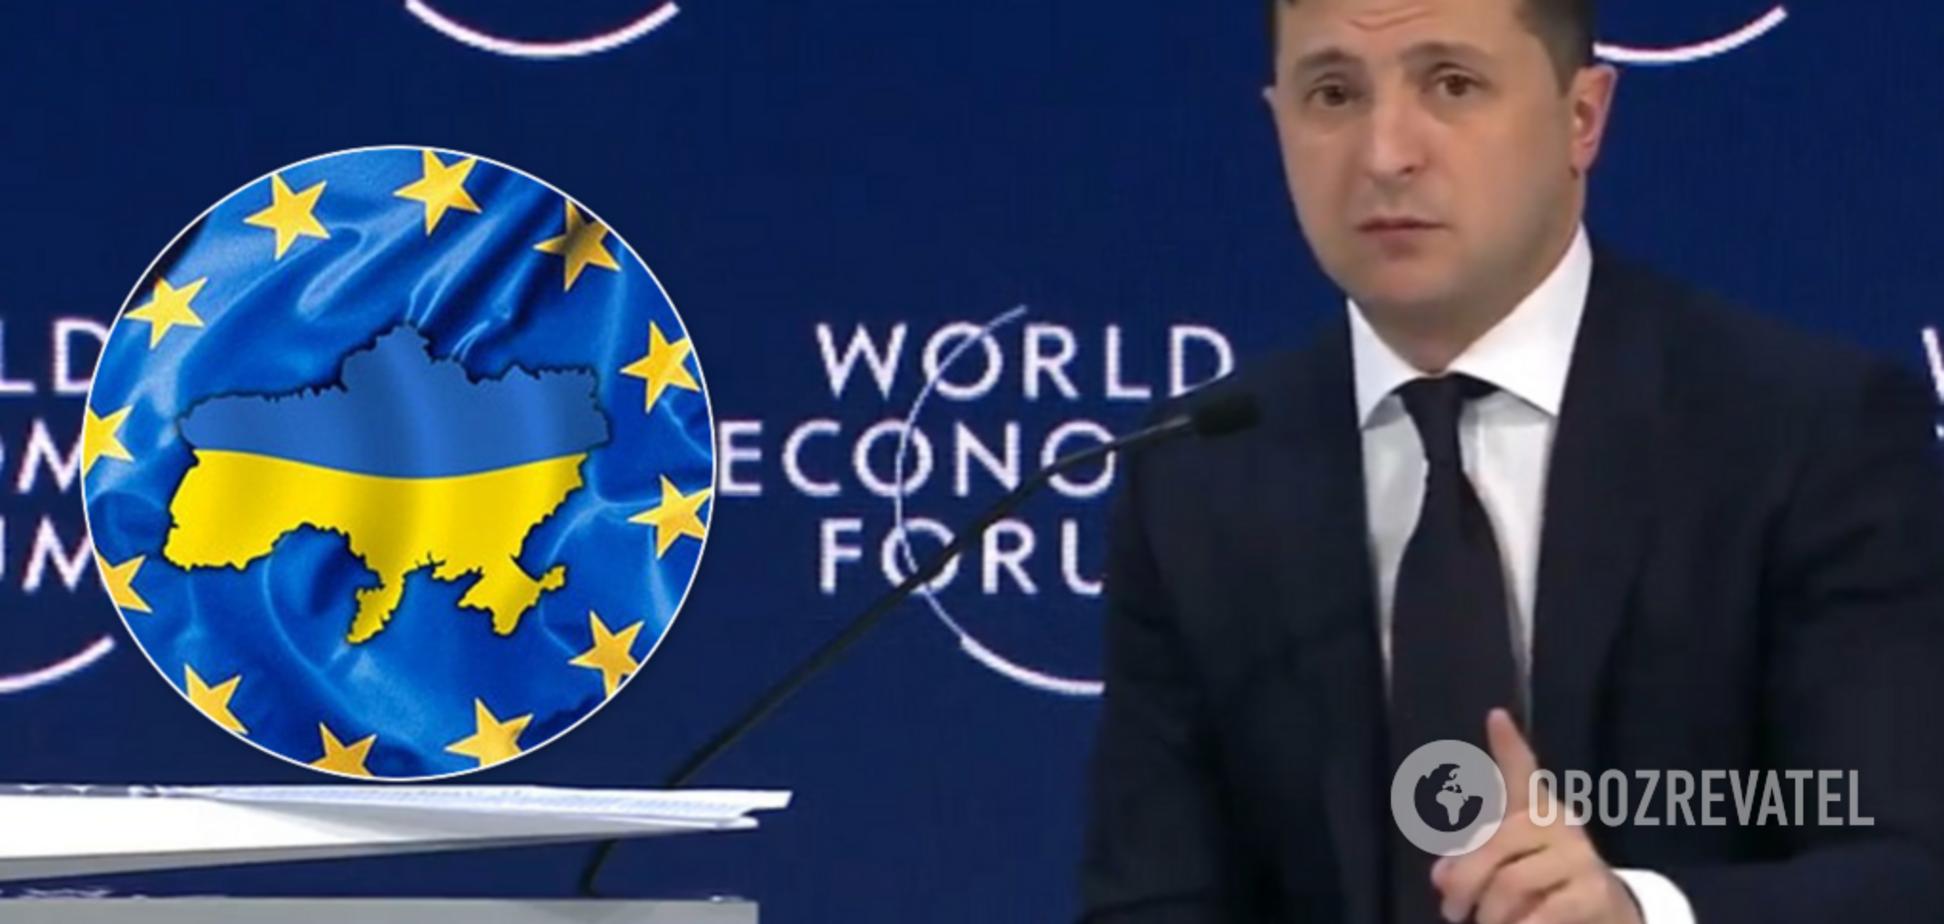 'Одна страна exit, Украина – enter?' Зеленский призвал ЕС заменить Британию